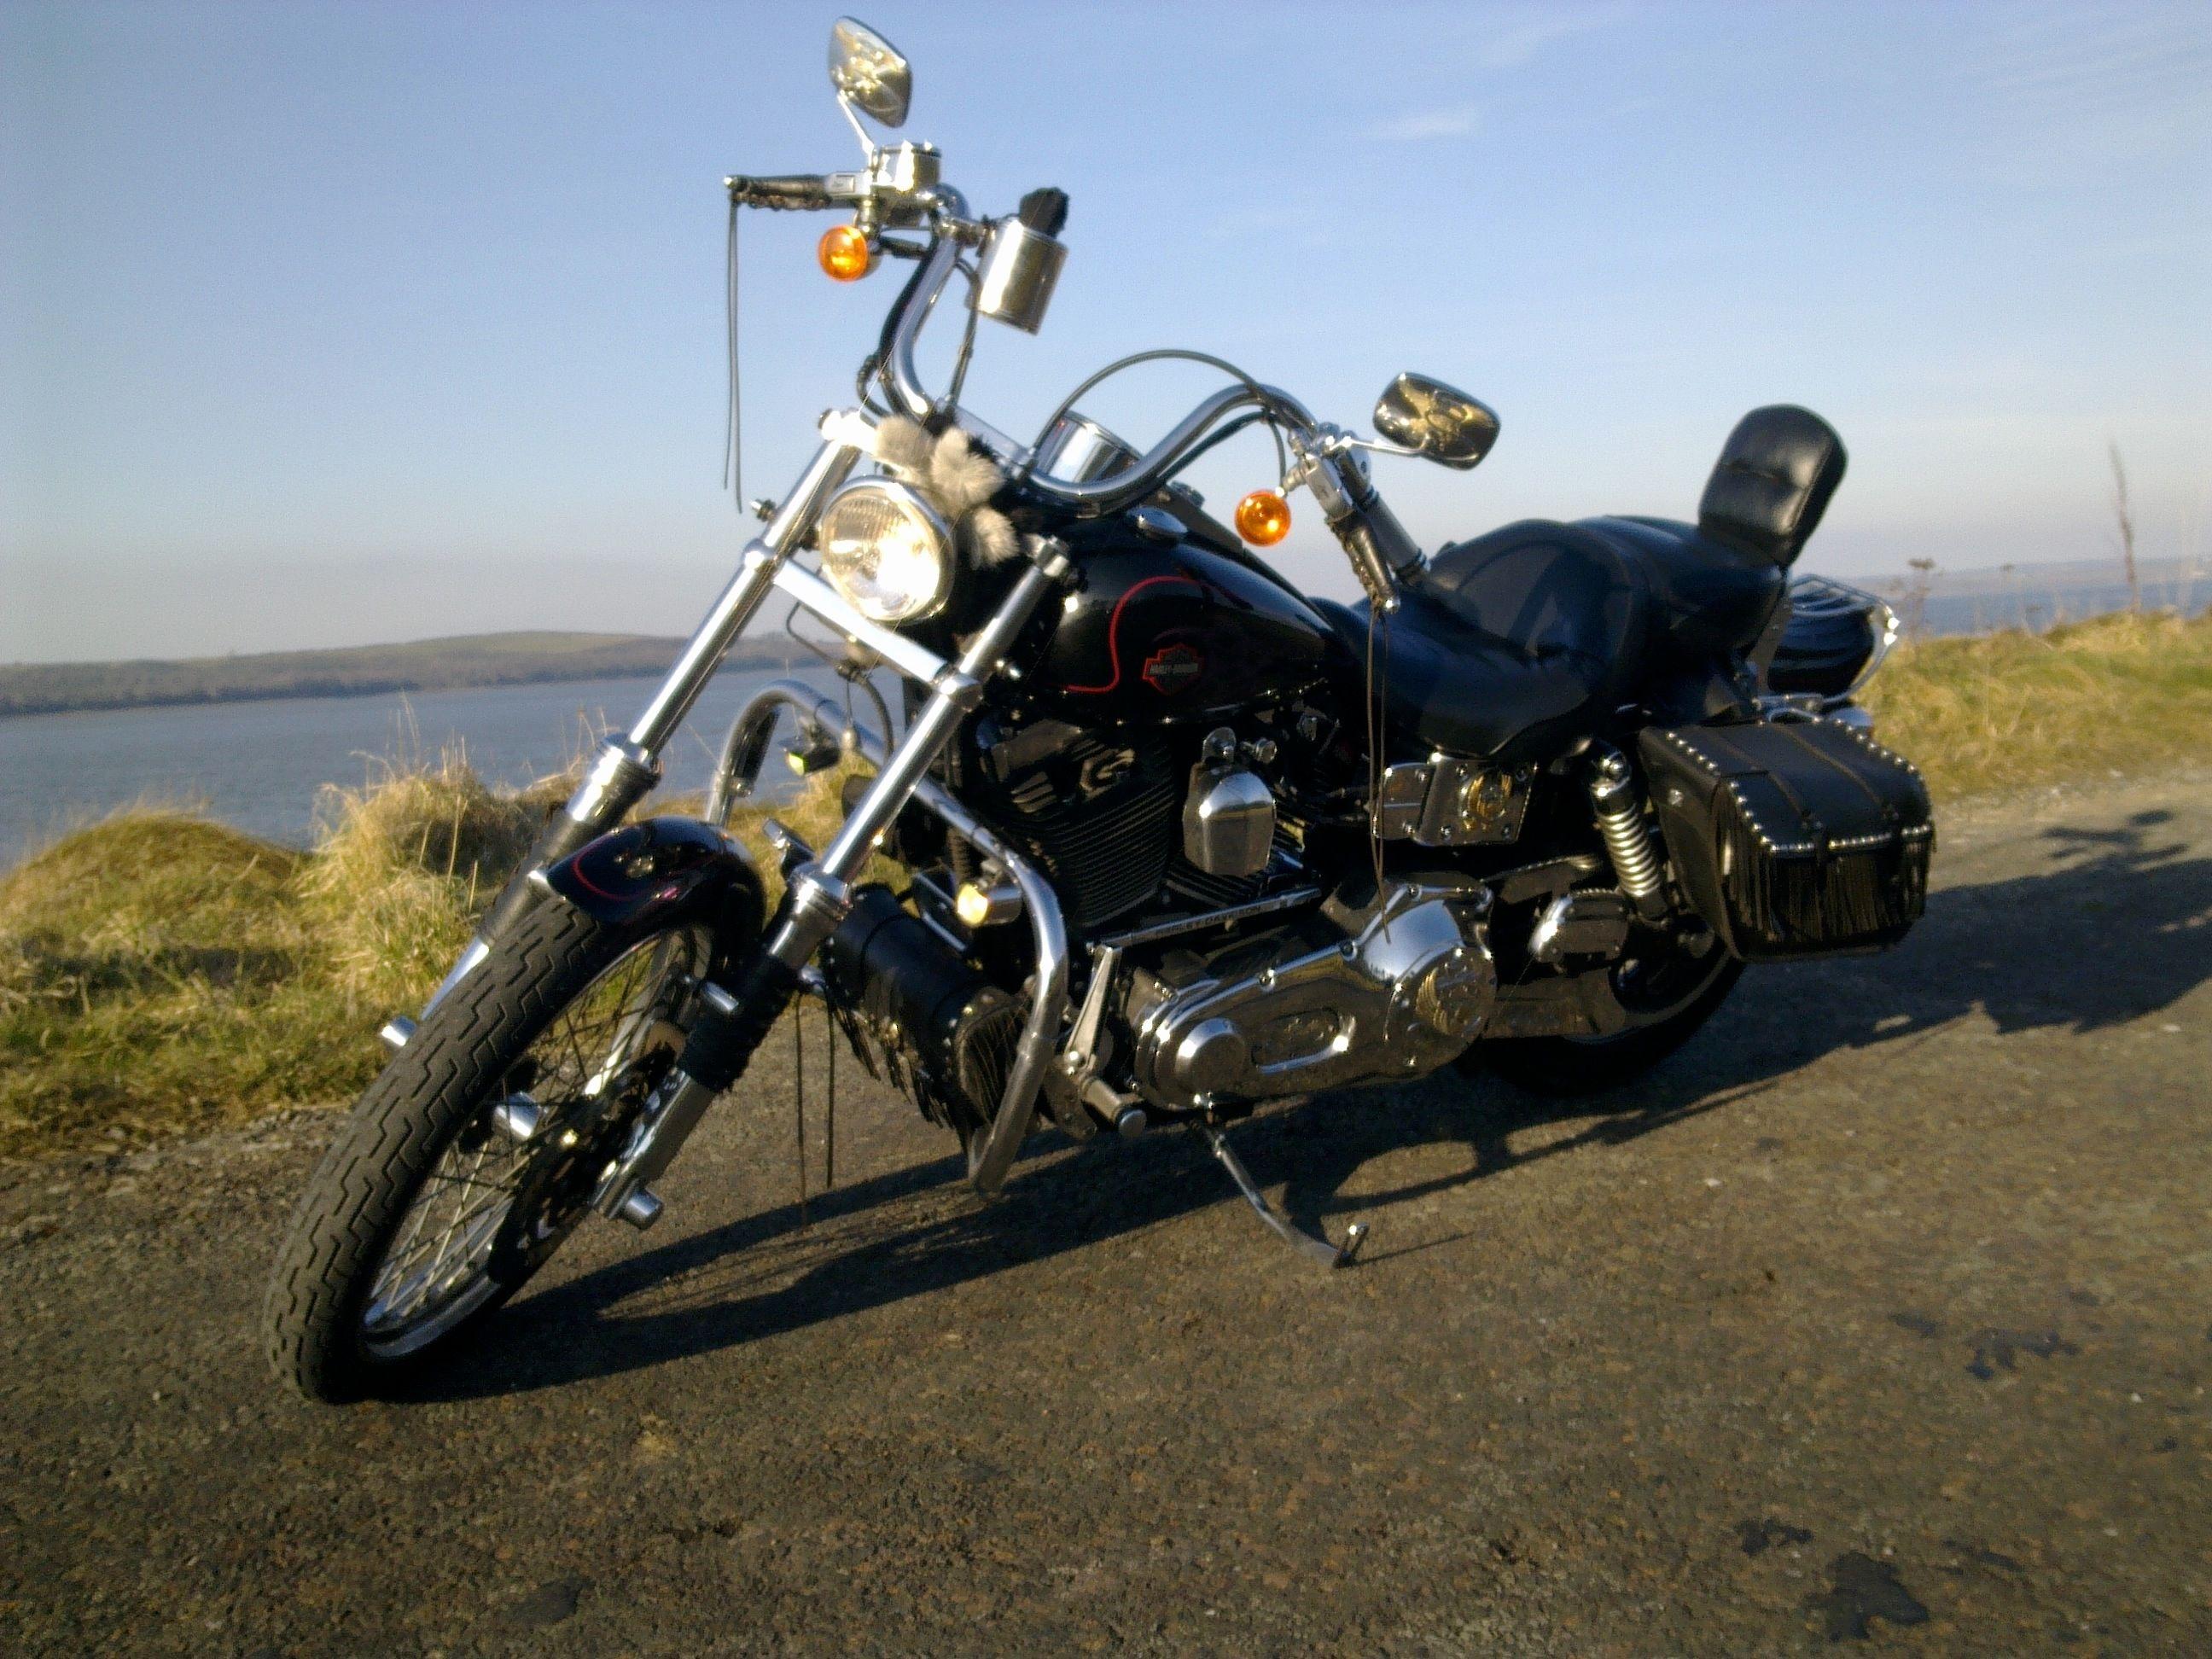 1993 Harley-Davidson 1340 Super Glide #8